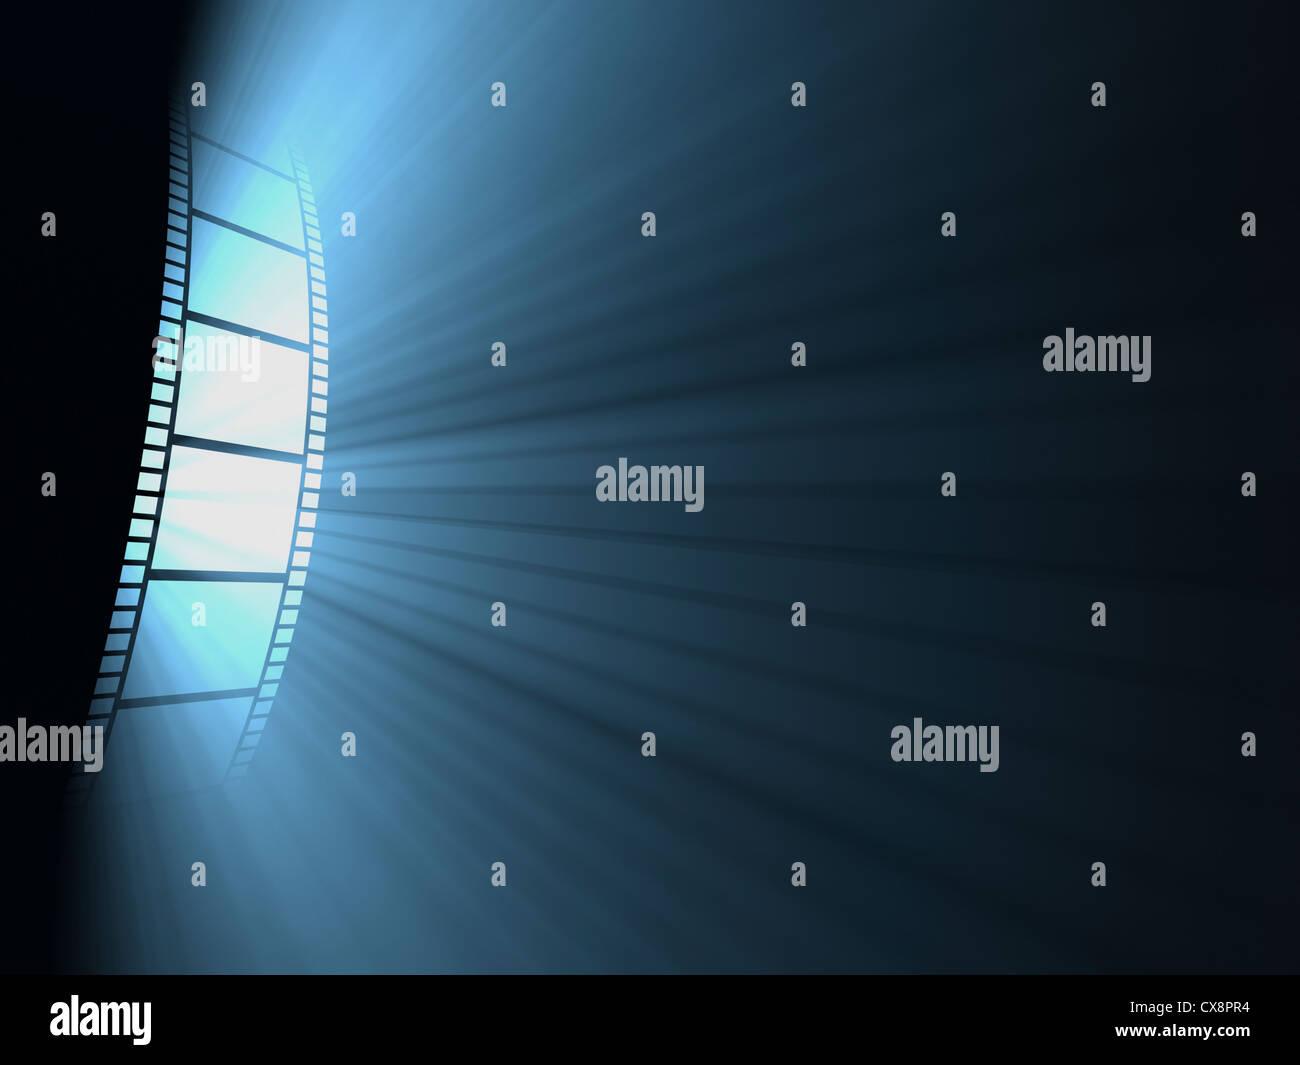 Bobina di pellicola, il concetto di industria cinematografica. Immagini Stock